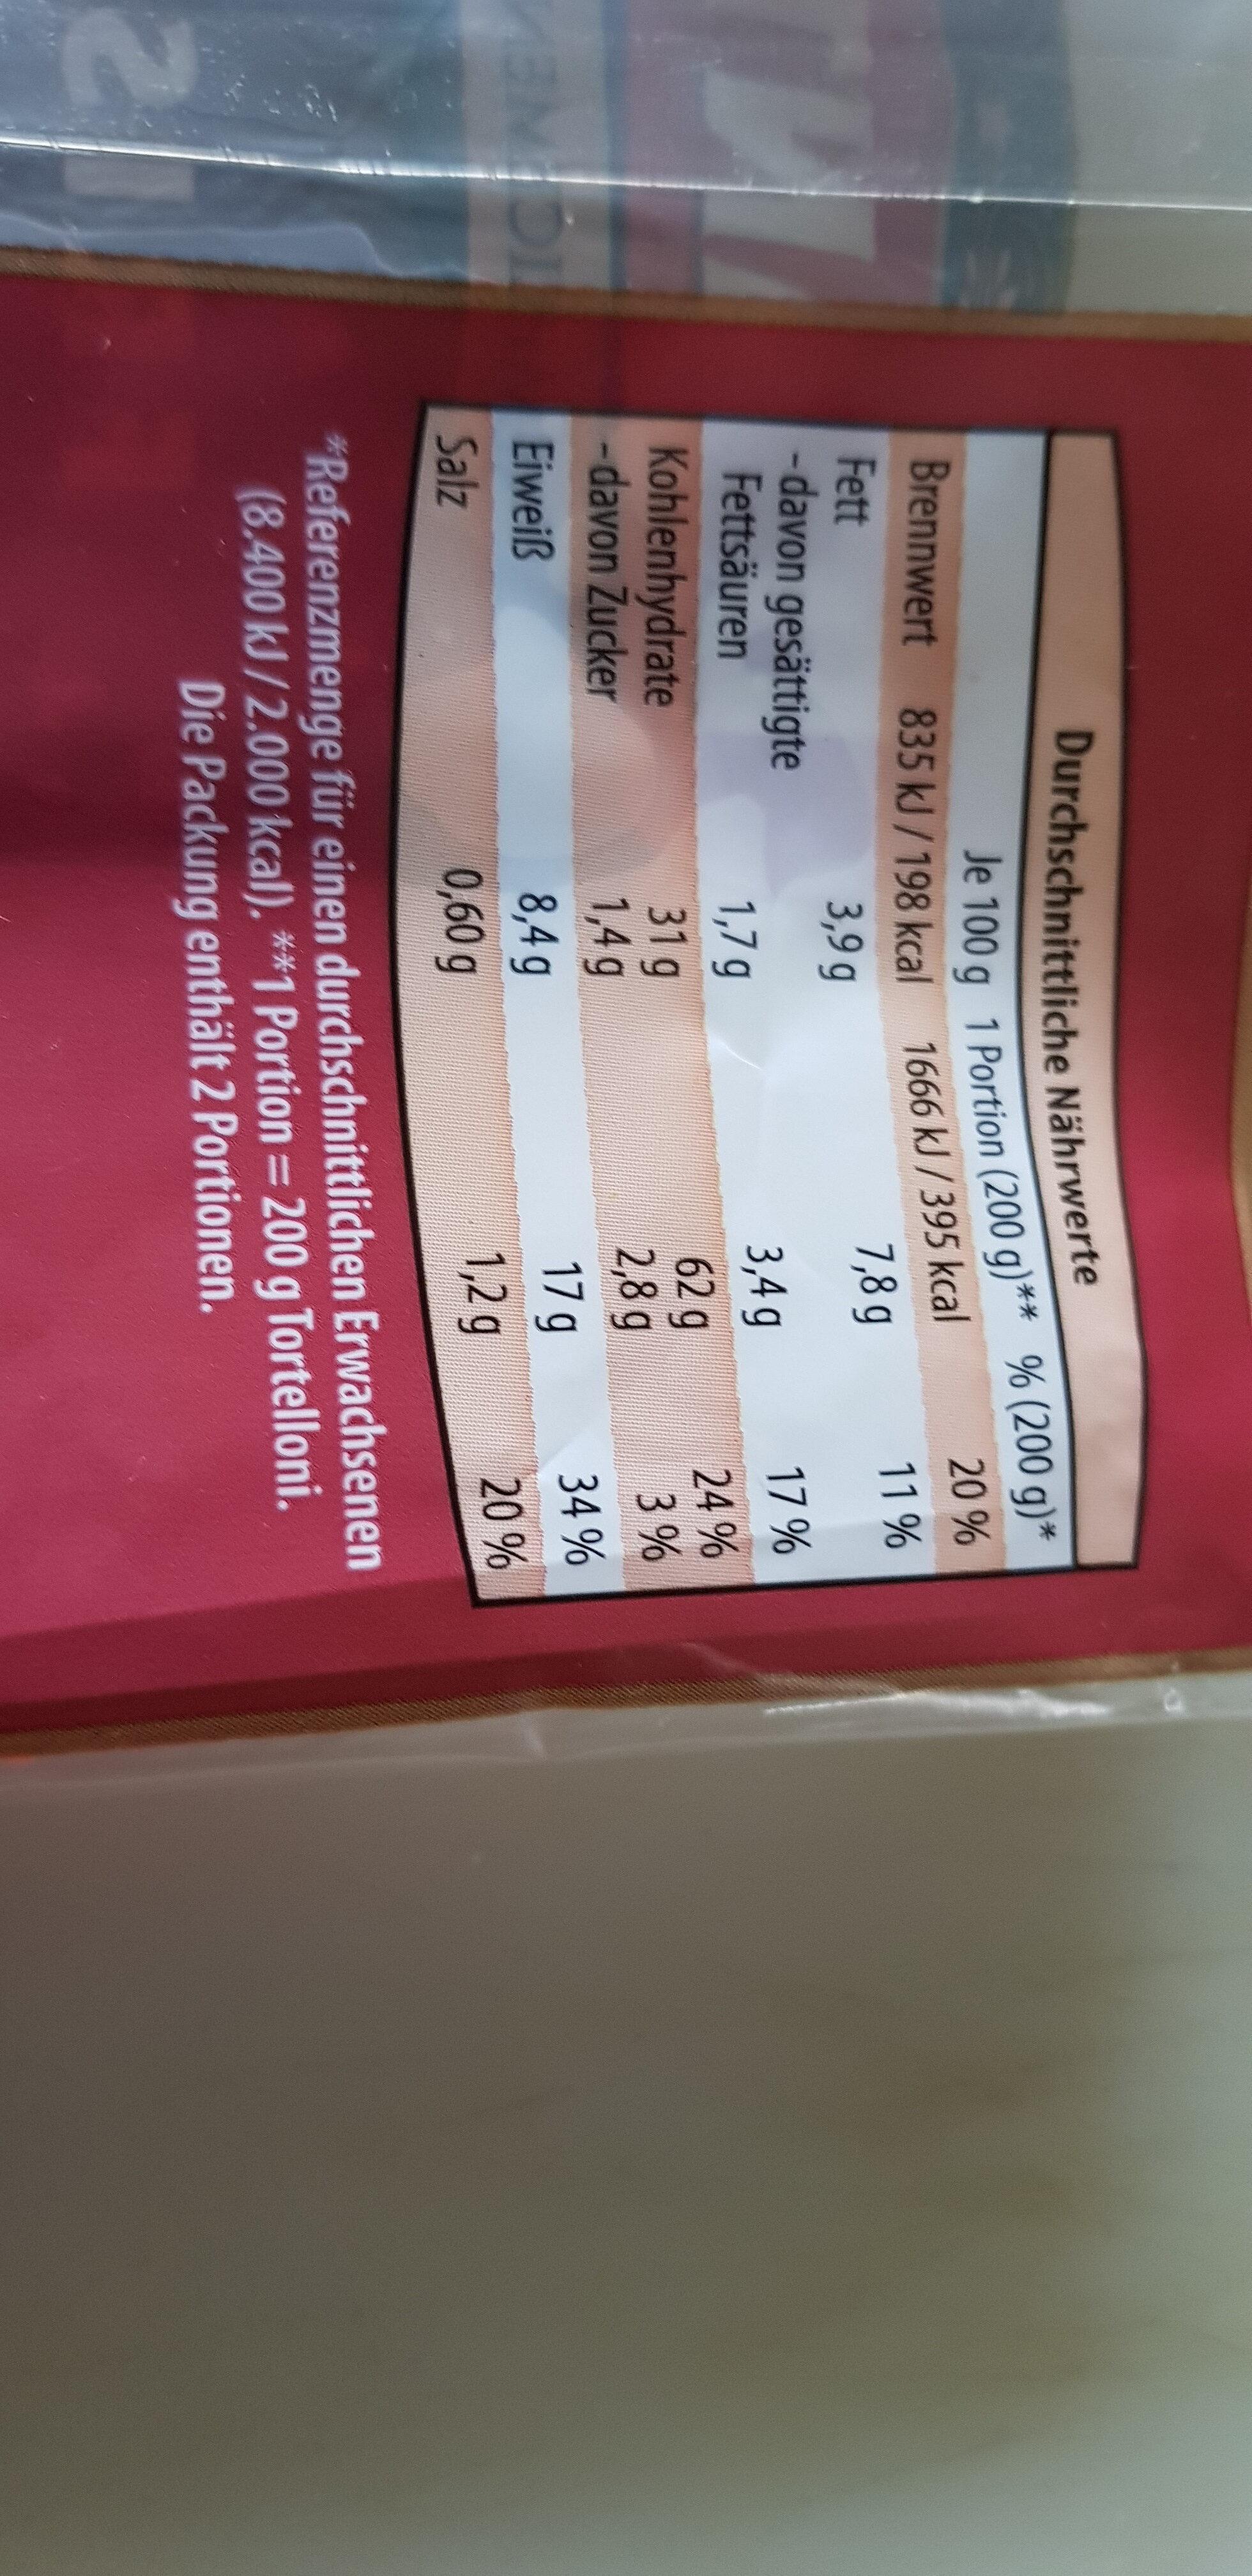 Frische Tortelloni gefüllt mit Ricotta & Spinat - Nutrition facts - de